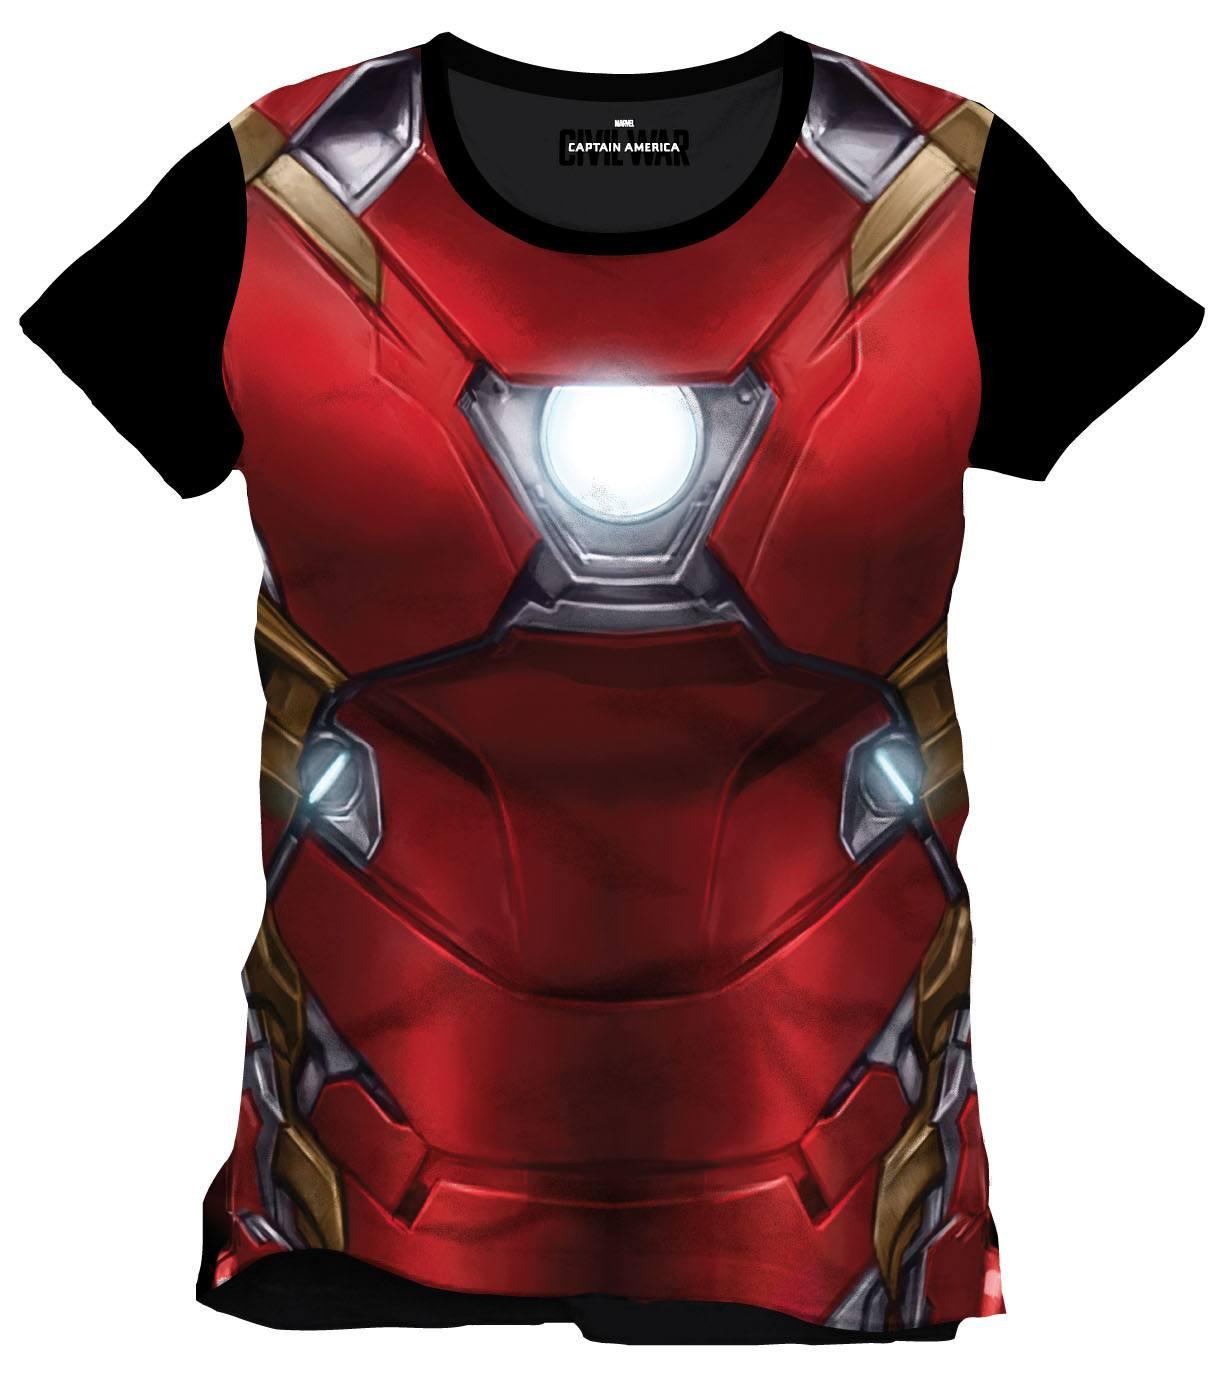 Captain America Civil War Sublimation T-Shirt Iron Man Chest Size XL